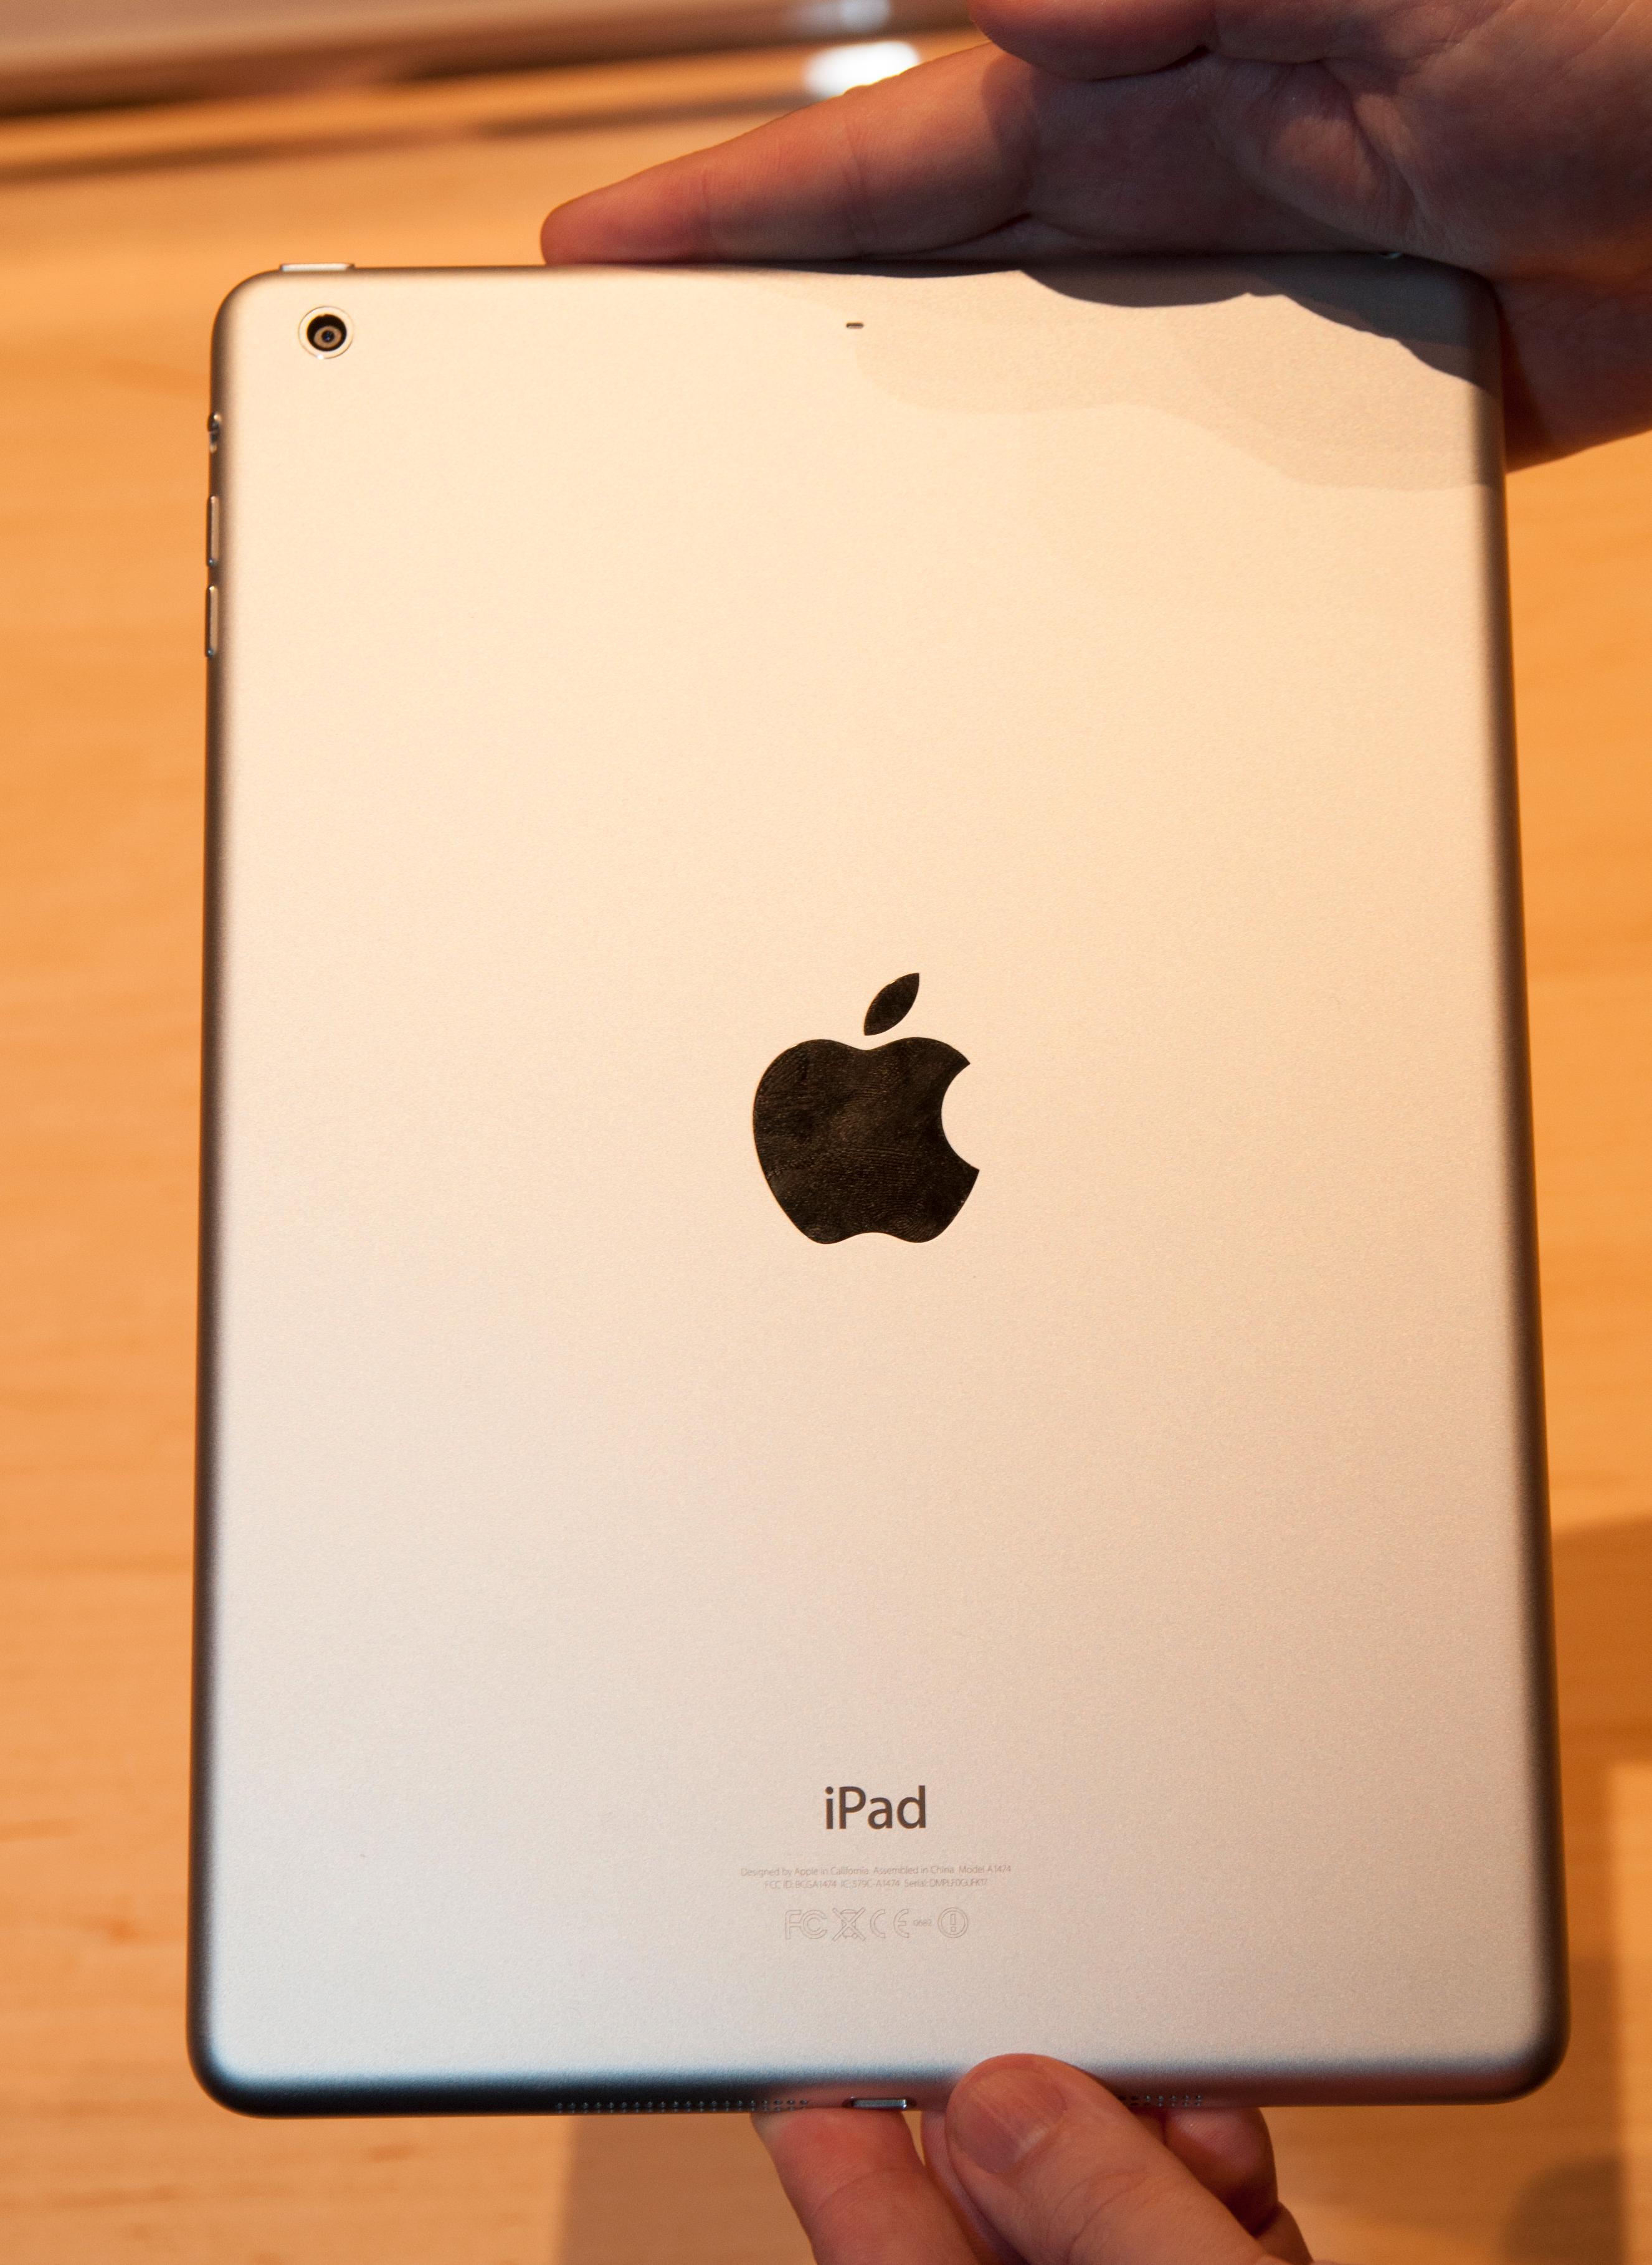 Designen er endret, og nye iPad Air kan også fås i sort. Denne er imidlertid i den tradisjonelle sølvgrå fargen.Foto: Finn Jarle Kvalheim, Amobil.no